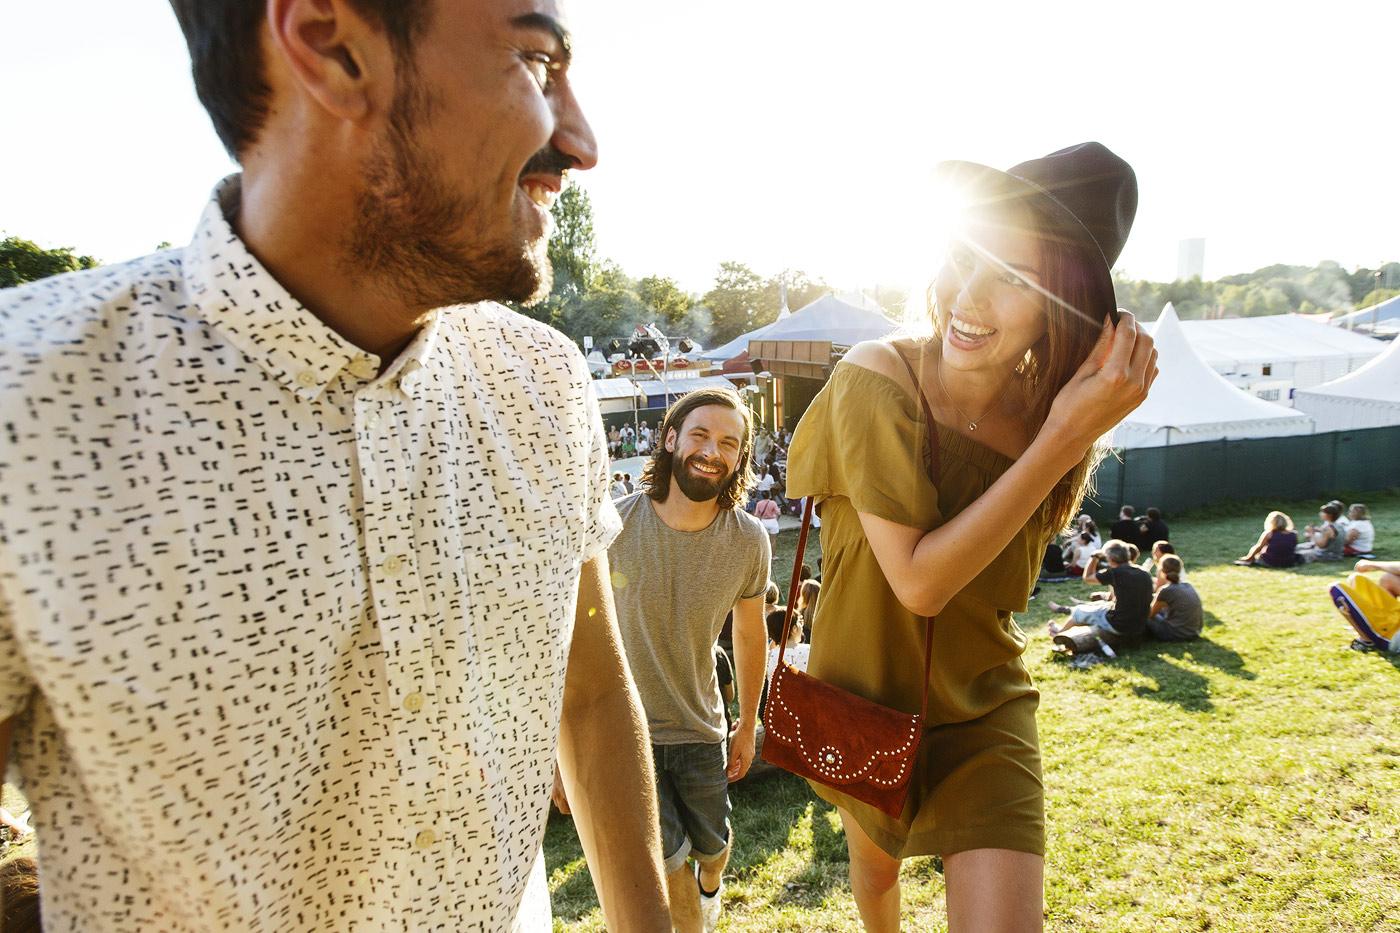 festival-fun